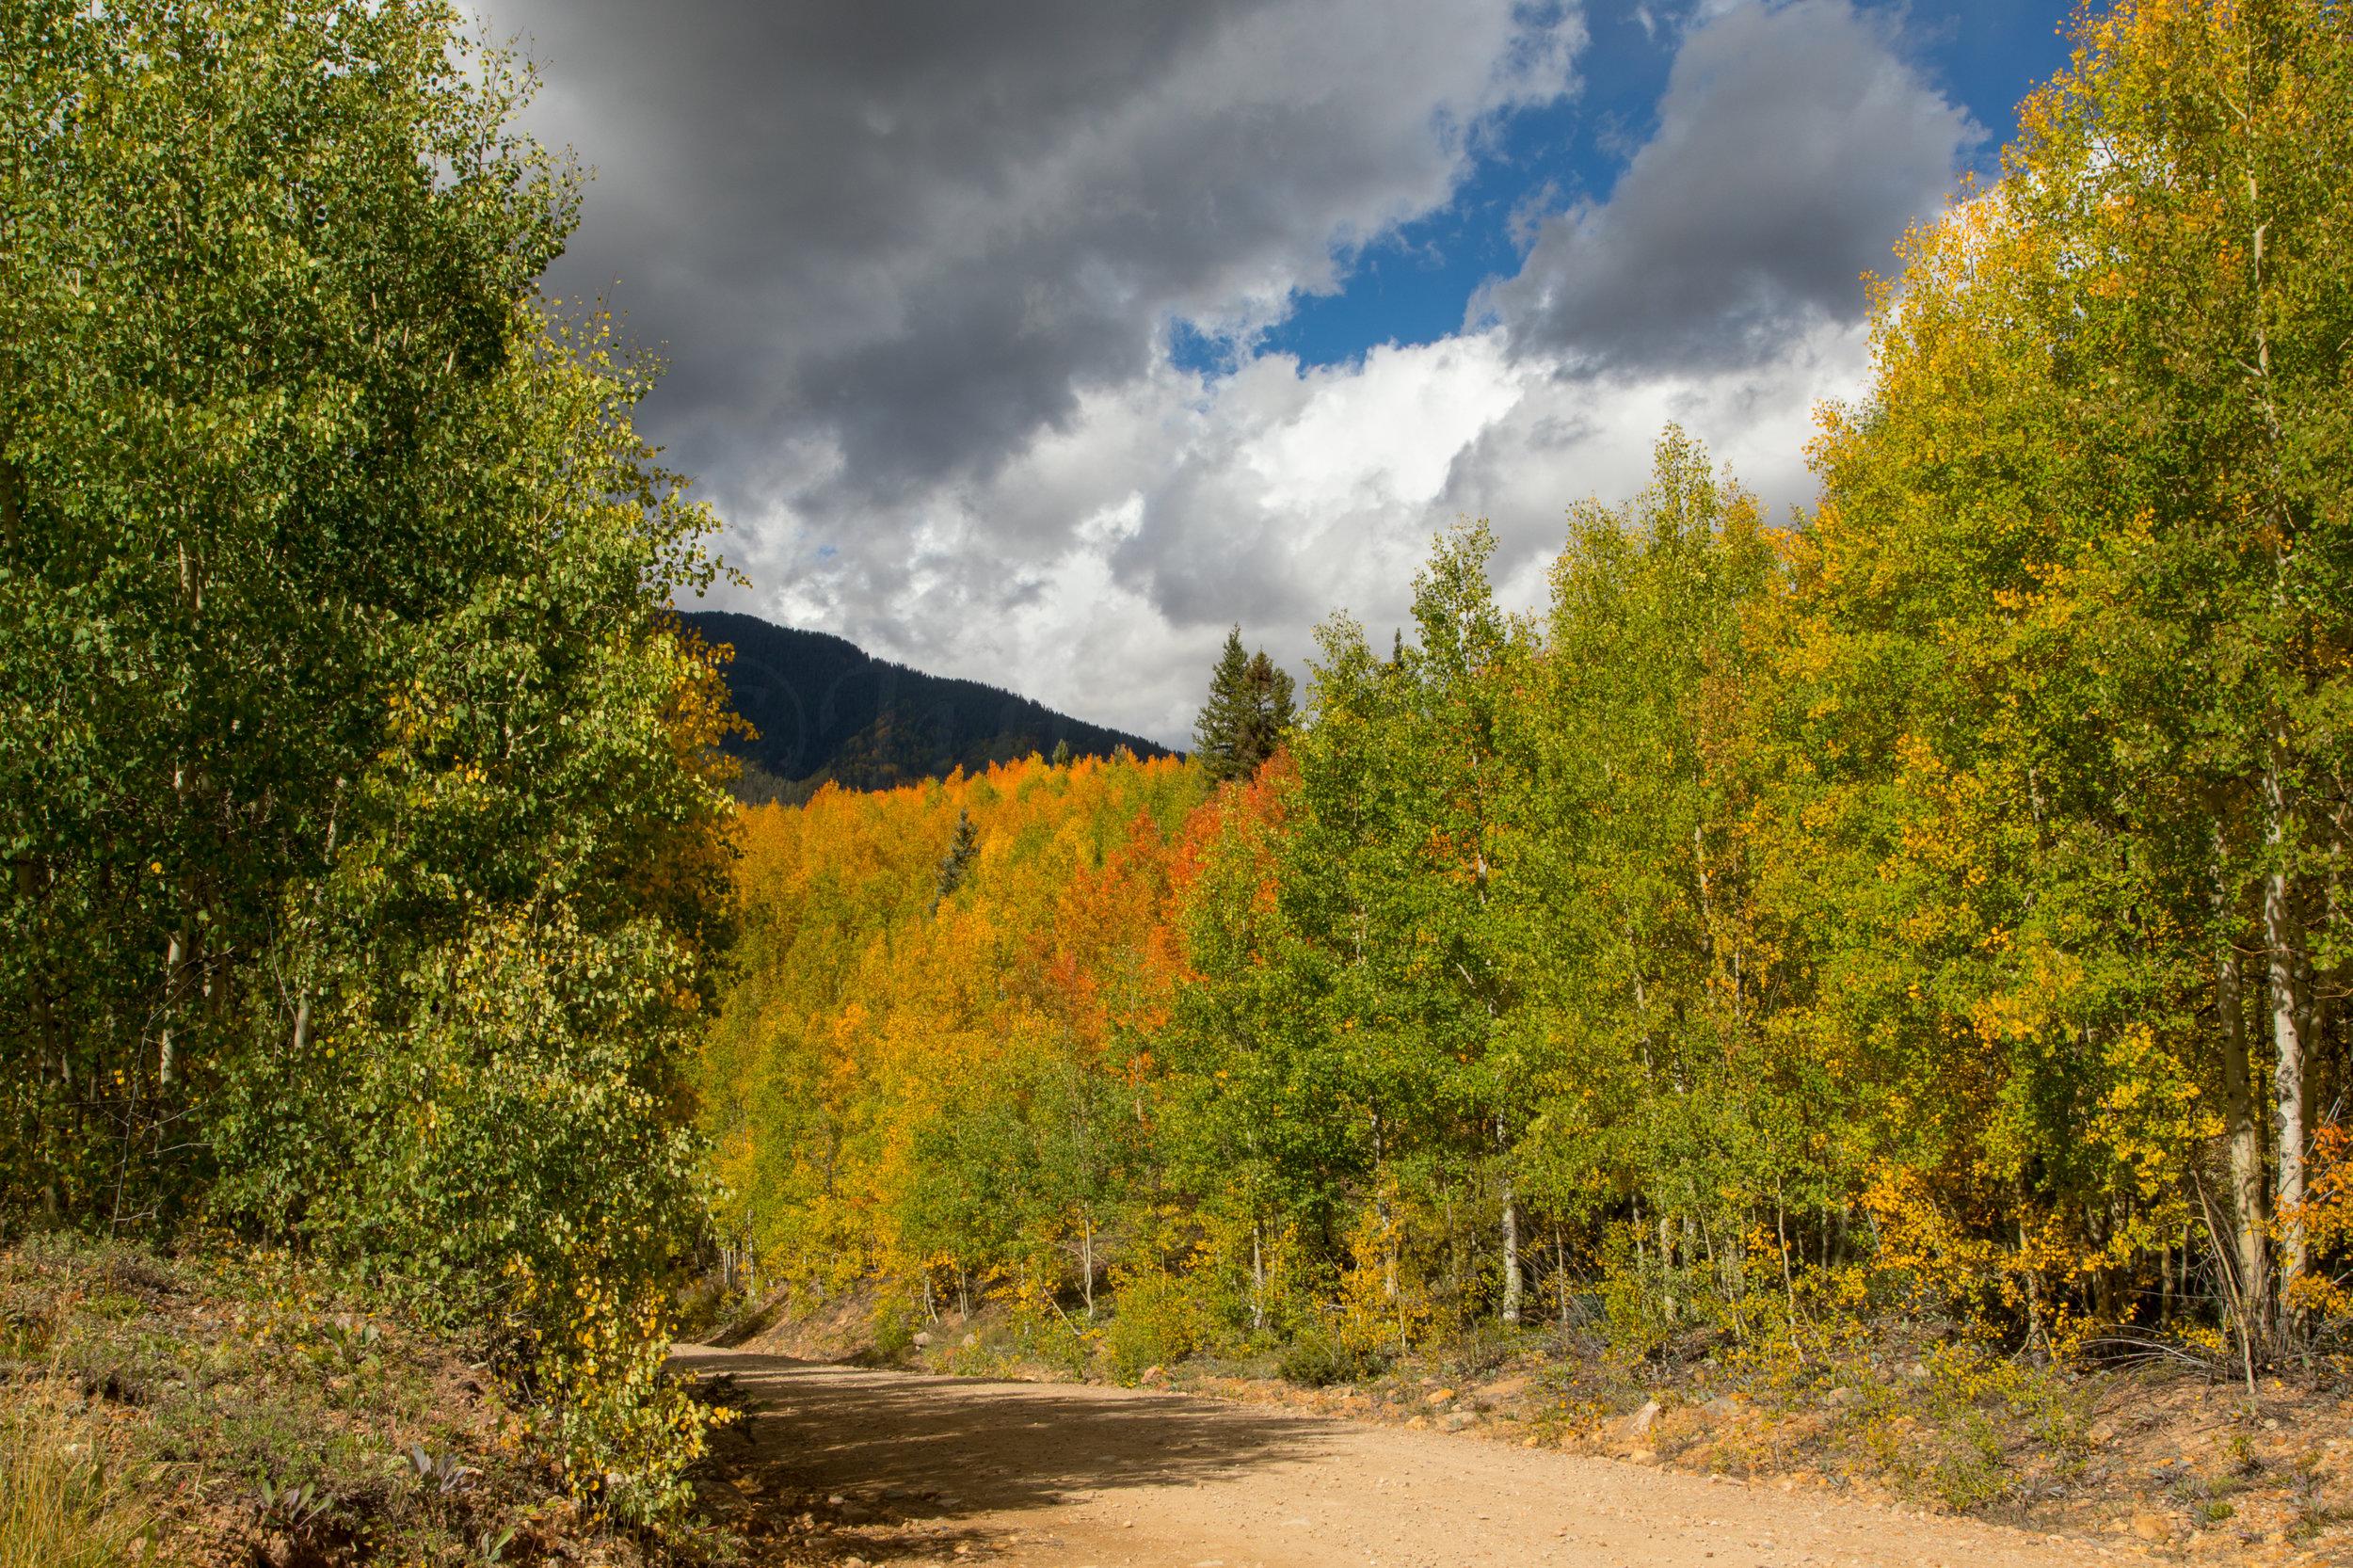 Silverton, Colorado, Image # 9675